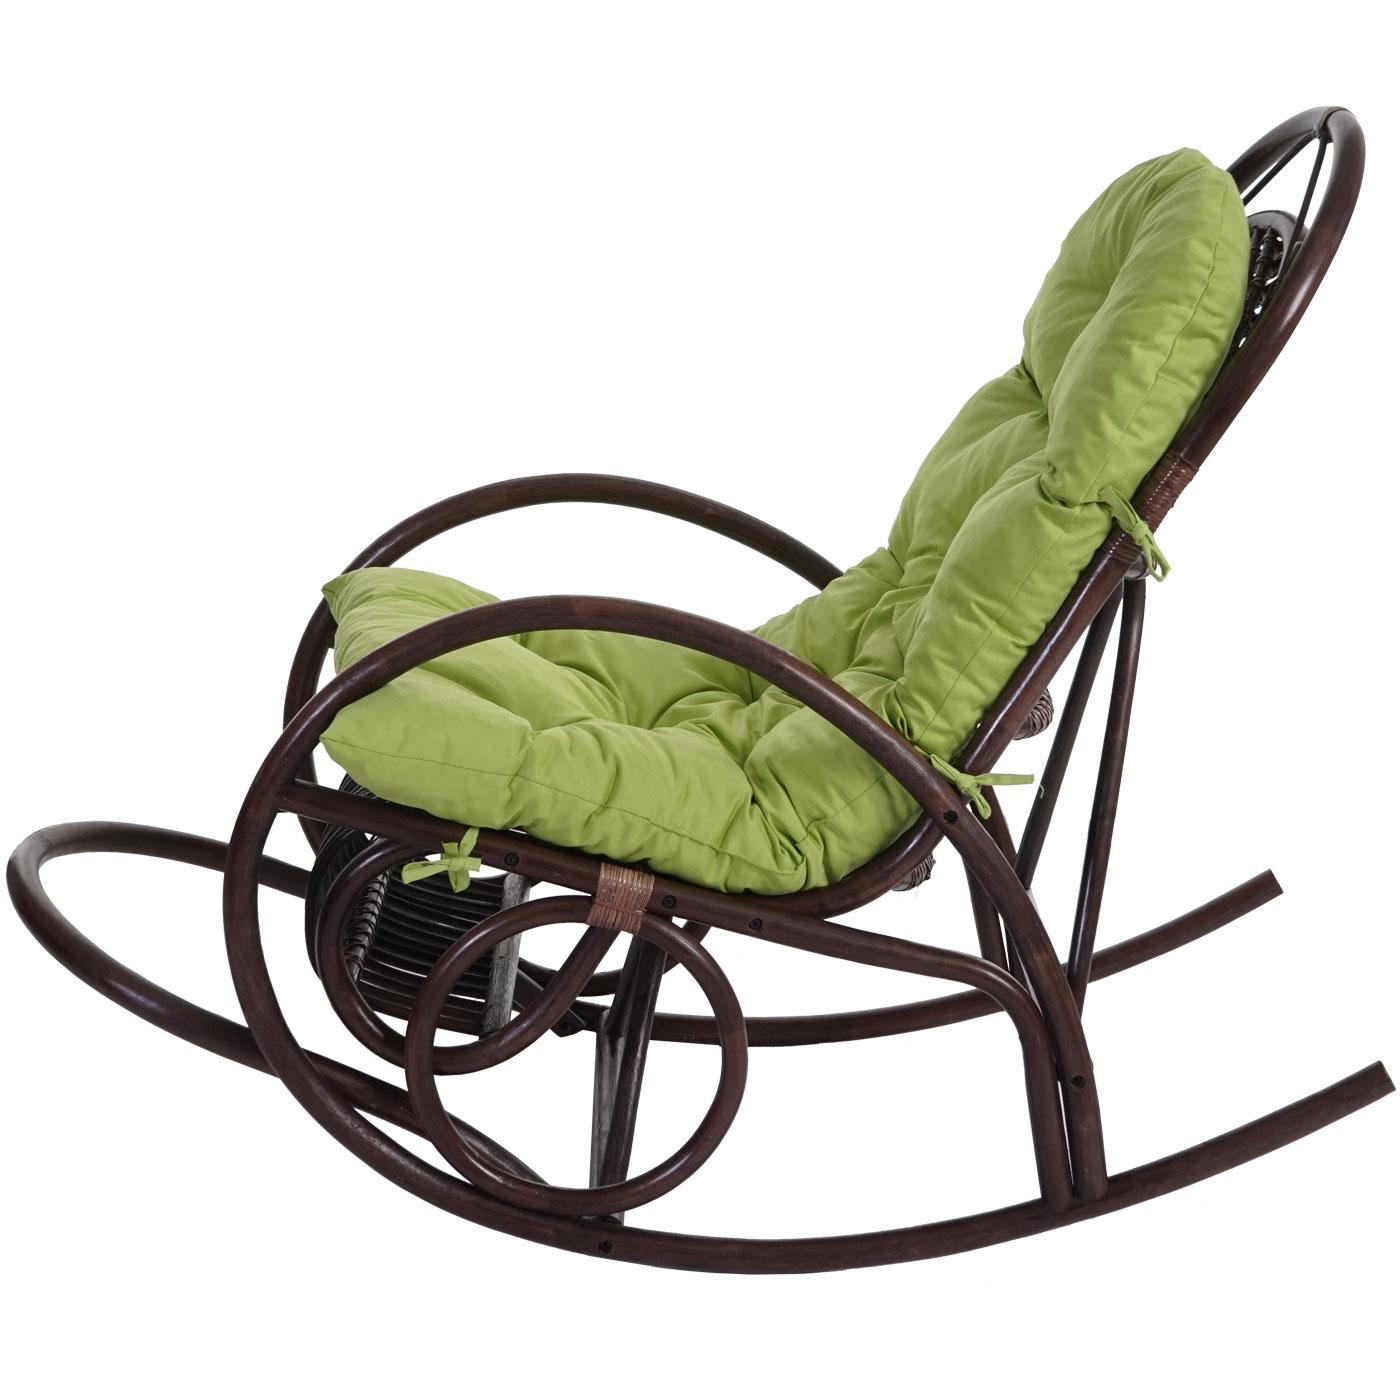 Sedia a dondolo hwc c40 139x58x110cm legno seduta poliestere cotone ebay - Cuscino per sedia a dondolo ...